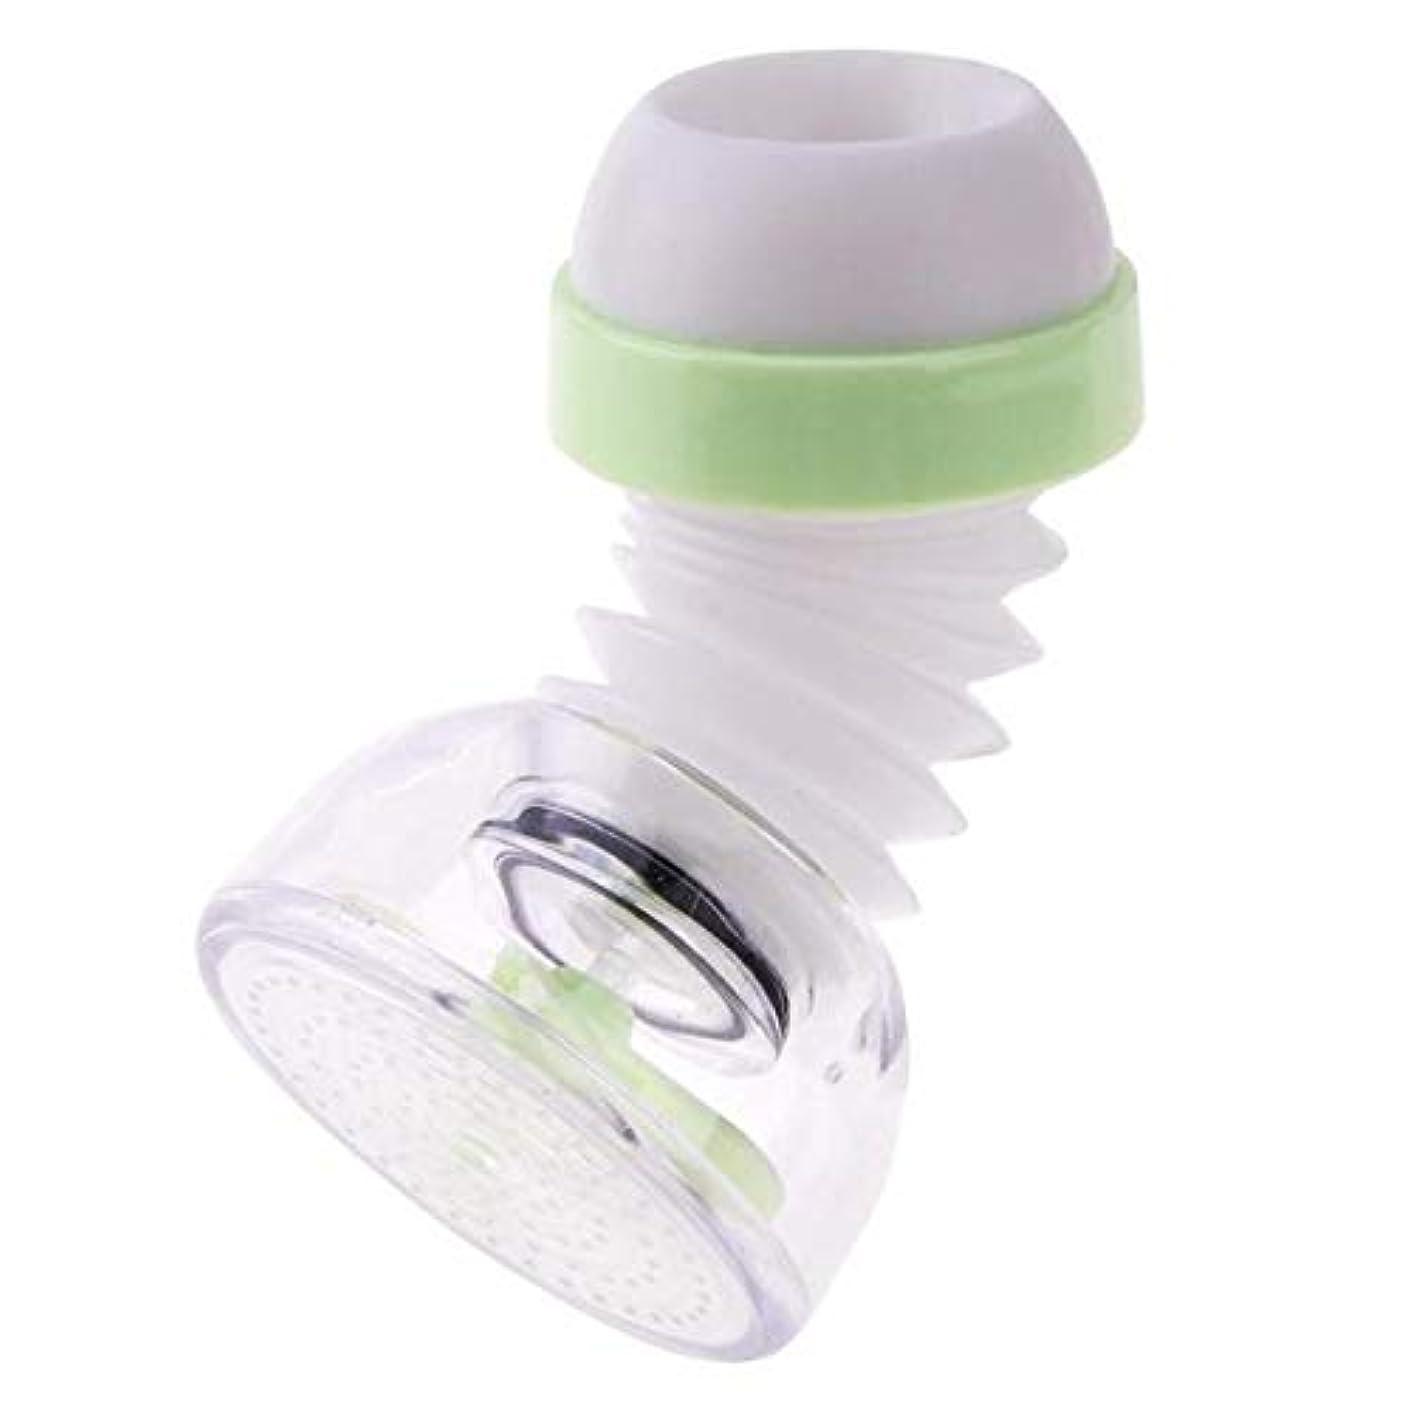 旅粉砕するブレーキboxiangxu Rotatable Water Bubbler Swivel Head Water Saving Faucet Aerator Nozzle Tap Adapter Device With Swivel...